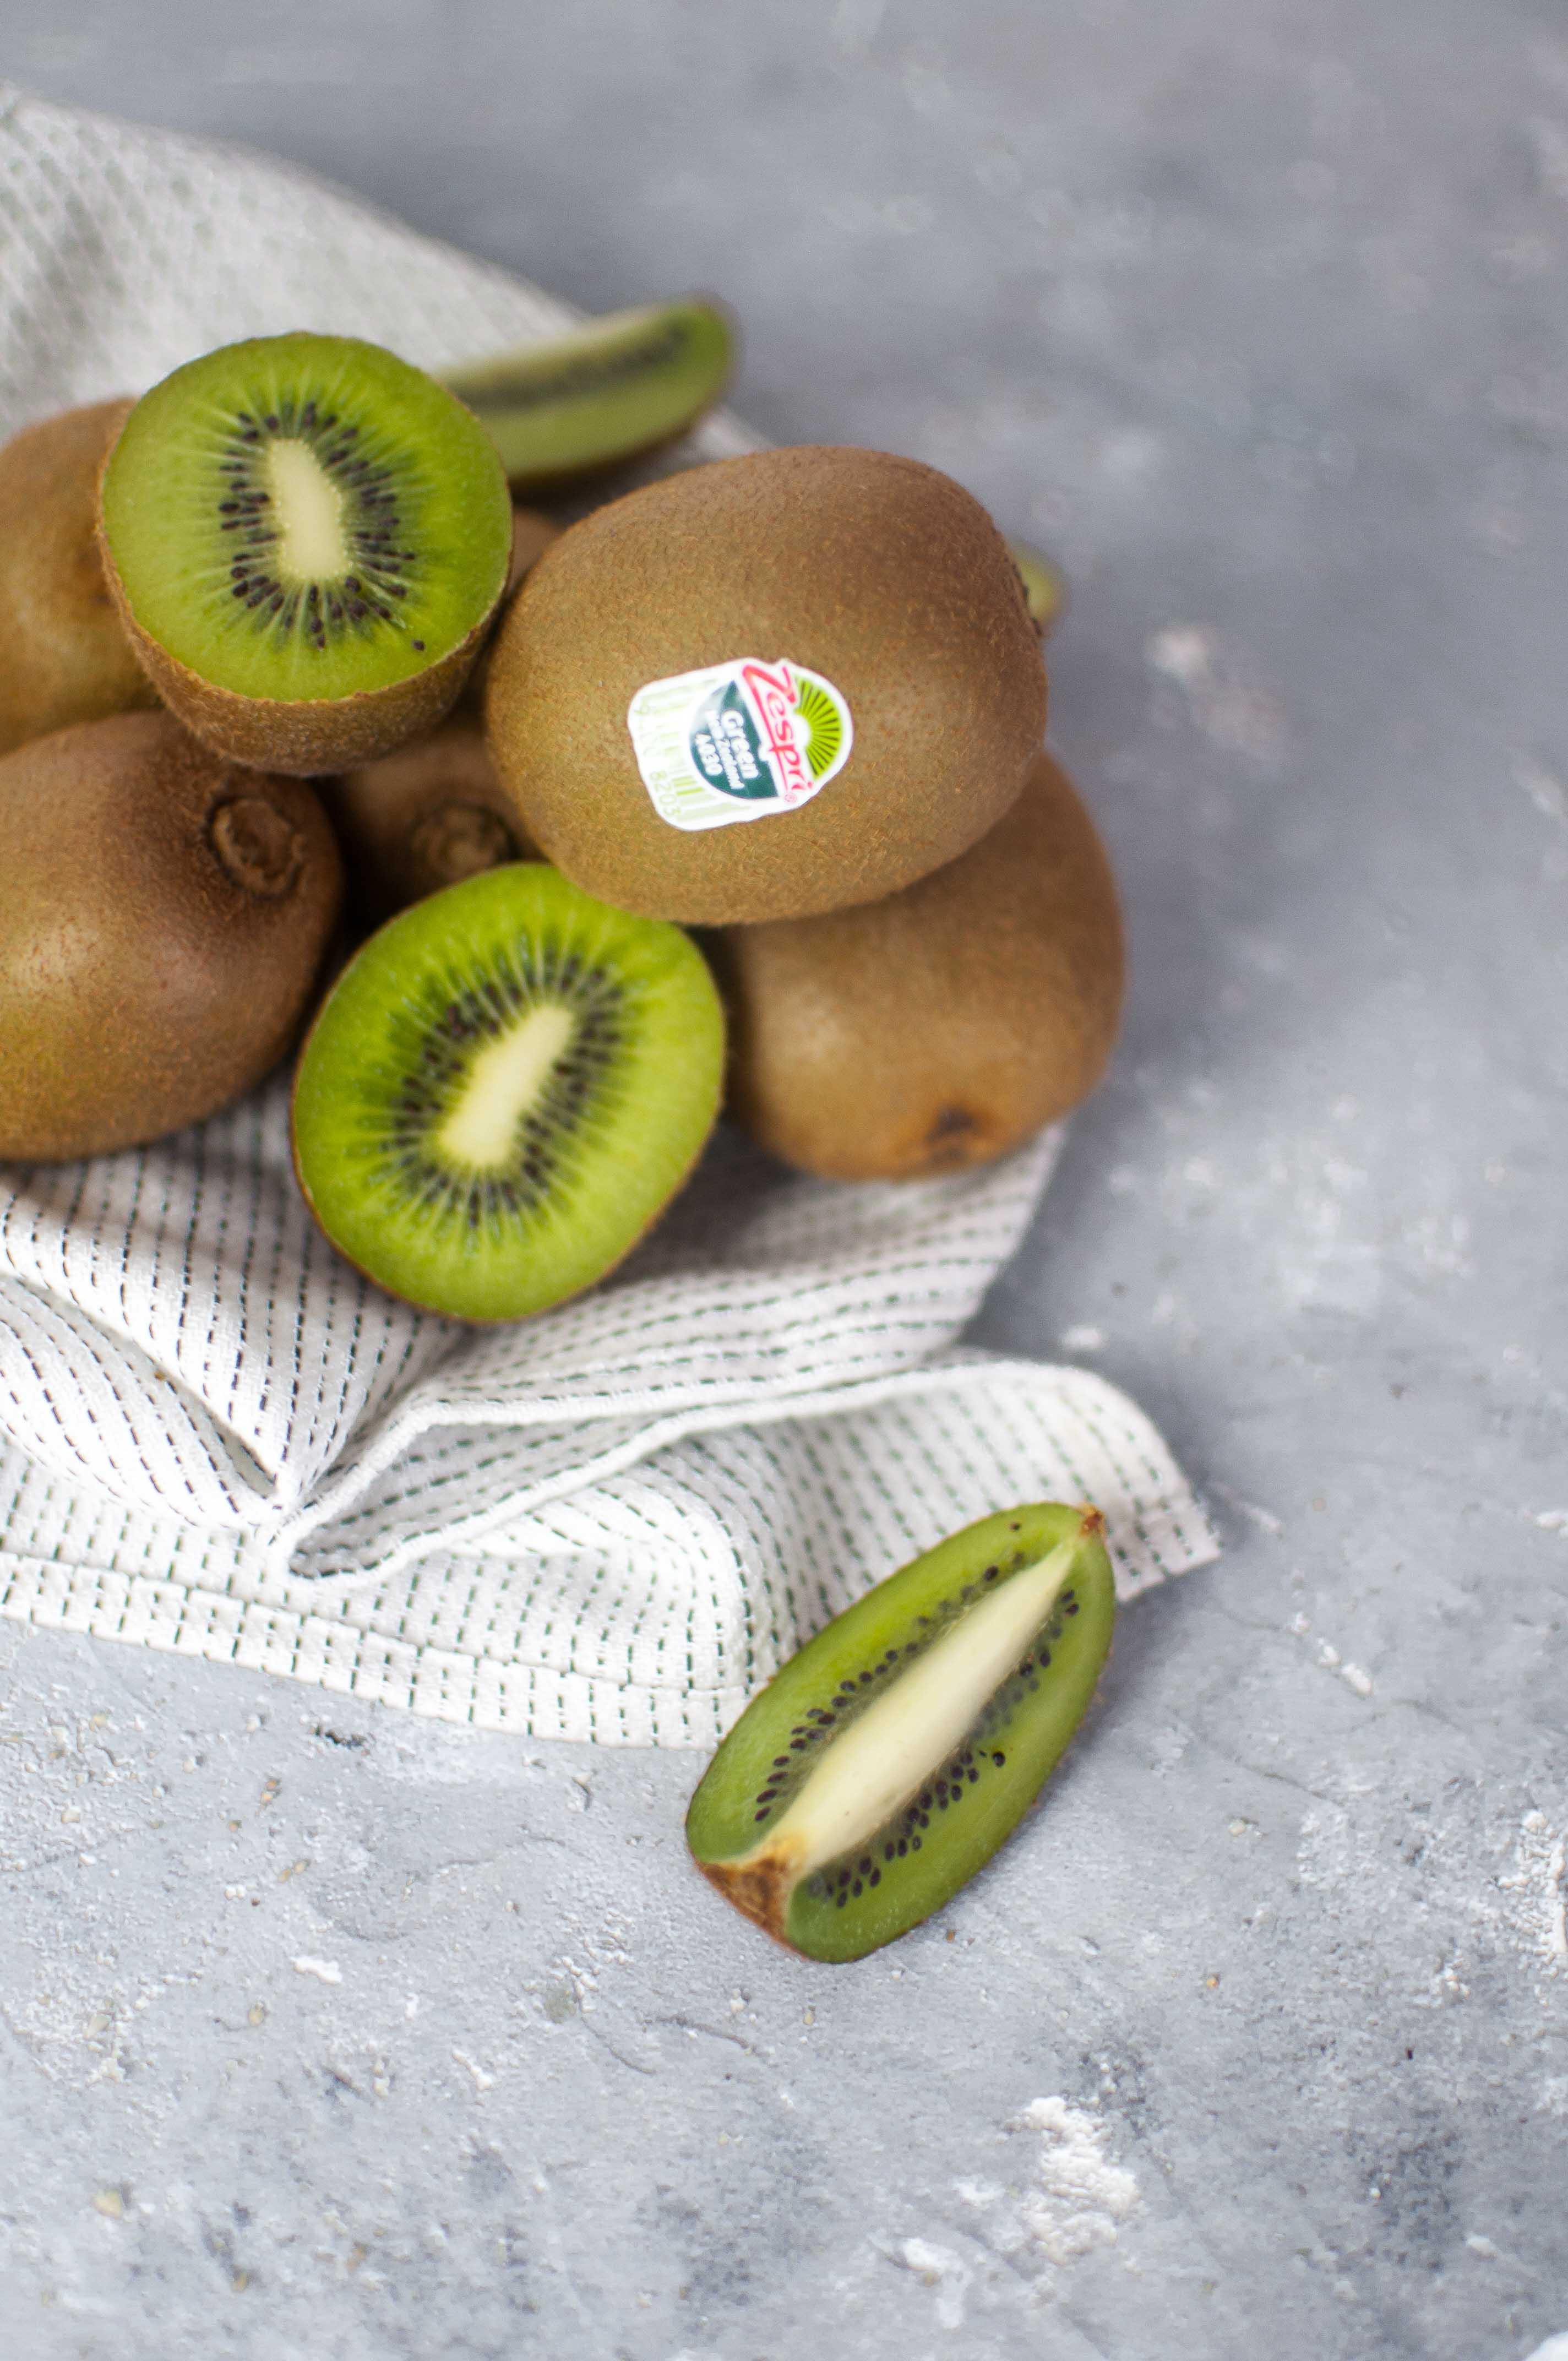 Fruchtige Kiwi Avocado Salsa Zespri https://wp.me/p6GO5w-13W